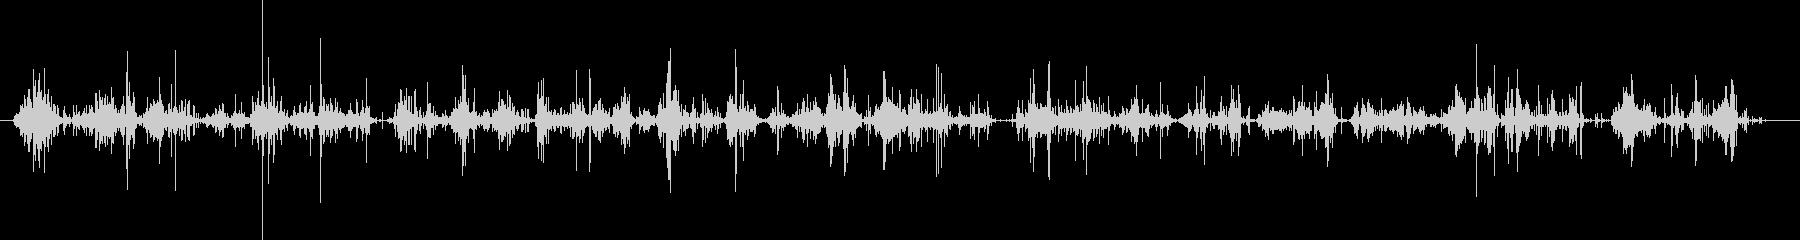 大きなキャンディーボウル:リーチア...の未再生の波形